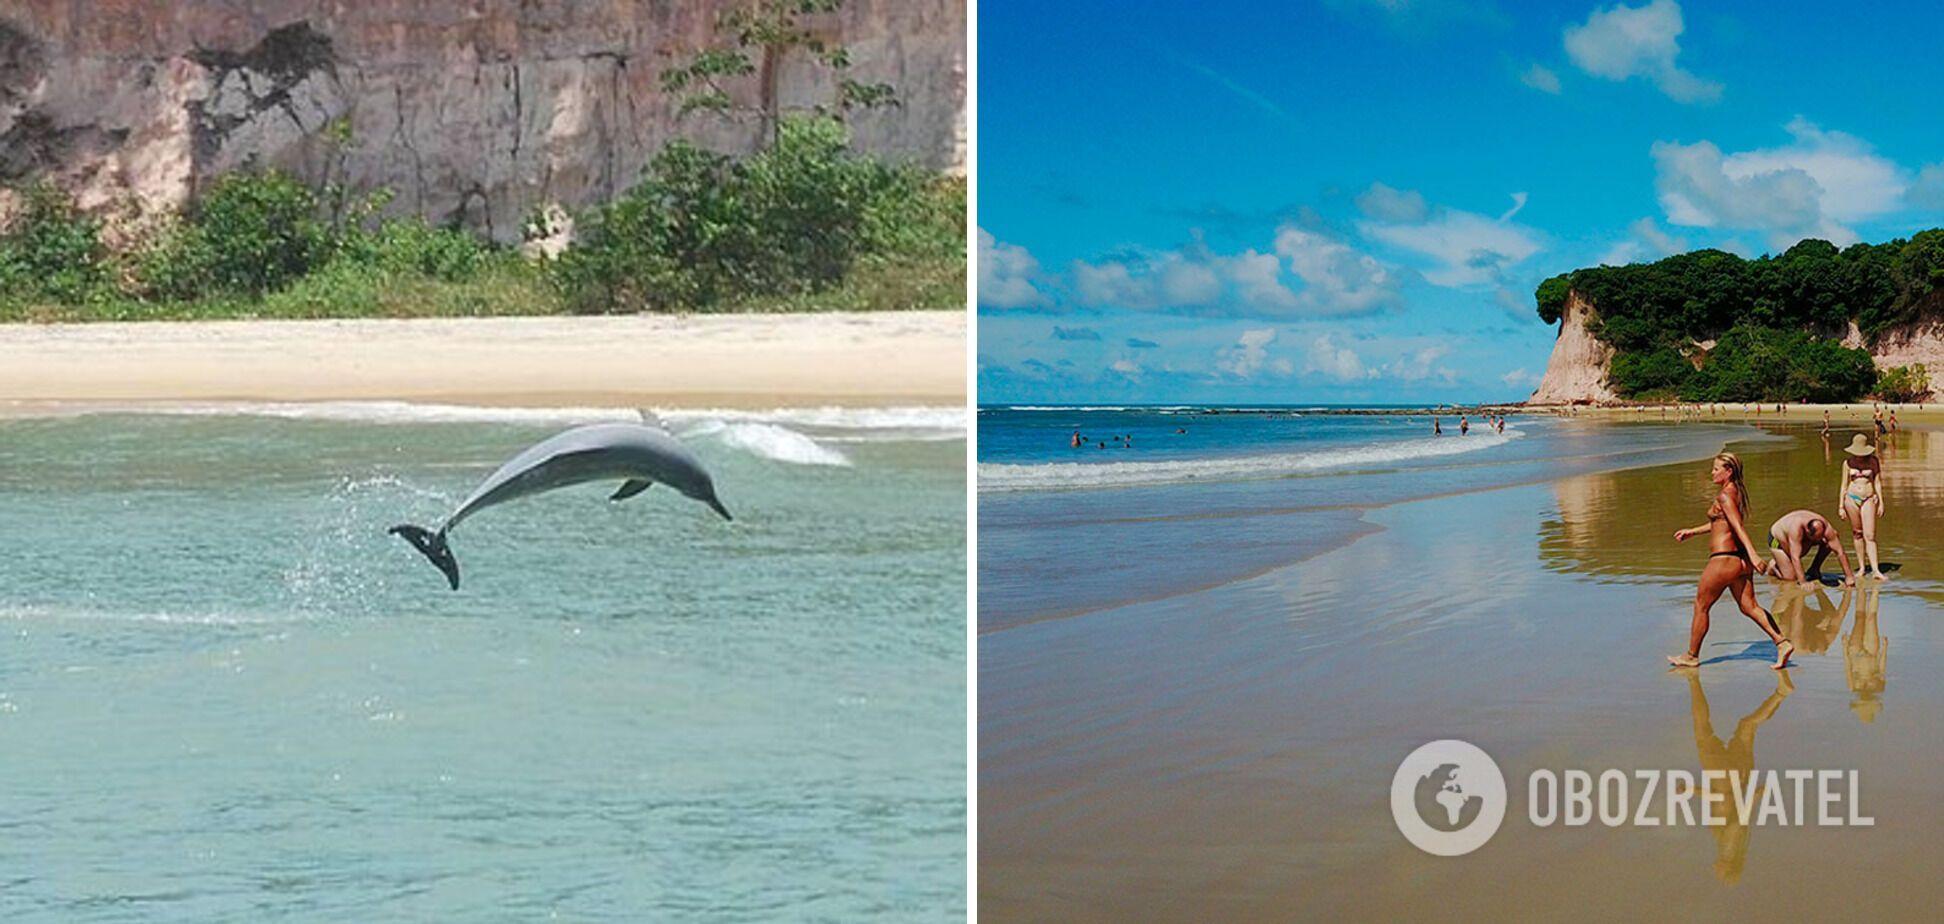 Baía dos Golfinhos у Бразилії приваблює туристів дельфінами, які живуть поряд з узбережжям.